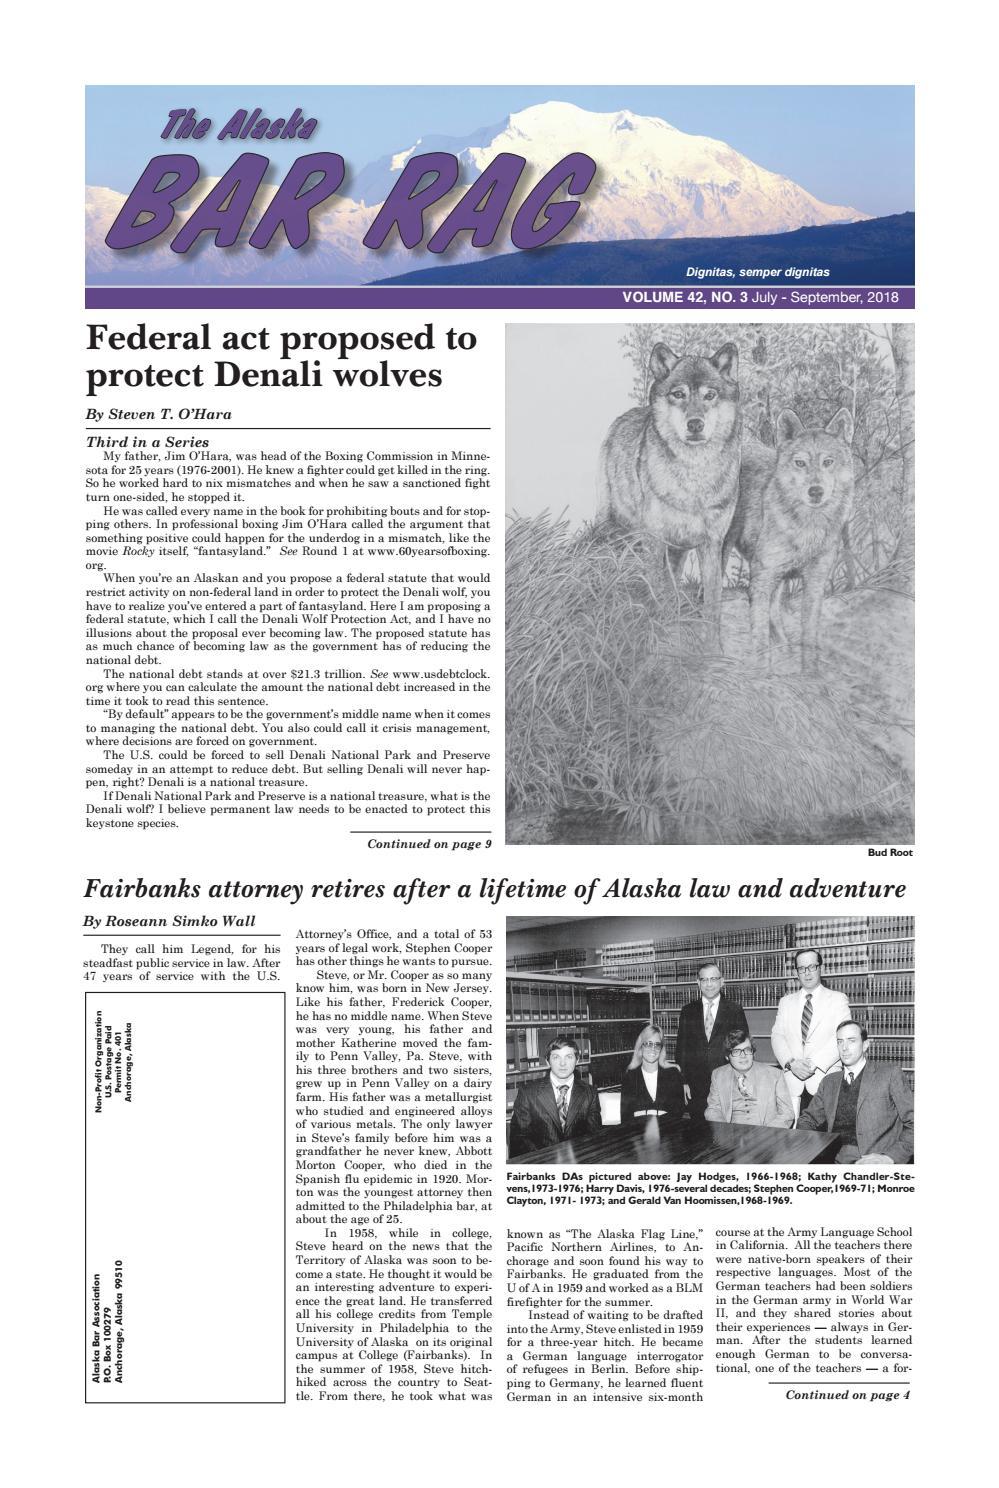 Sorrowful date. Alaska became American